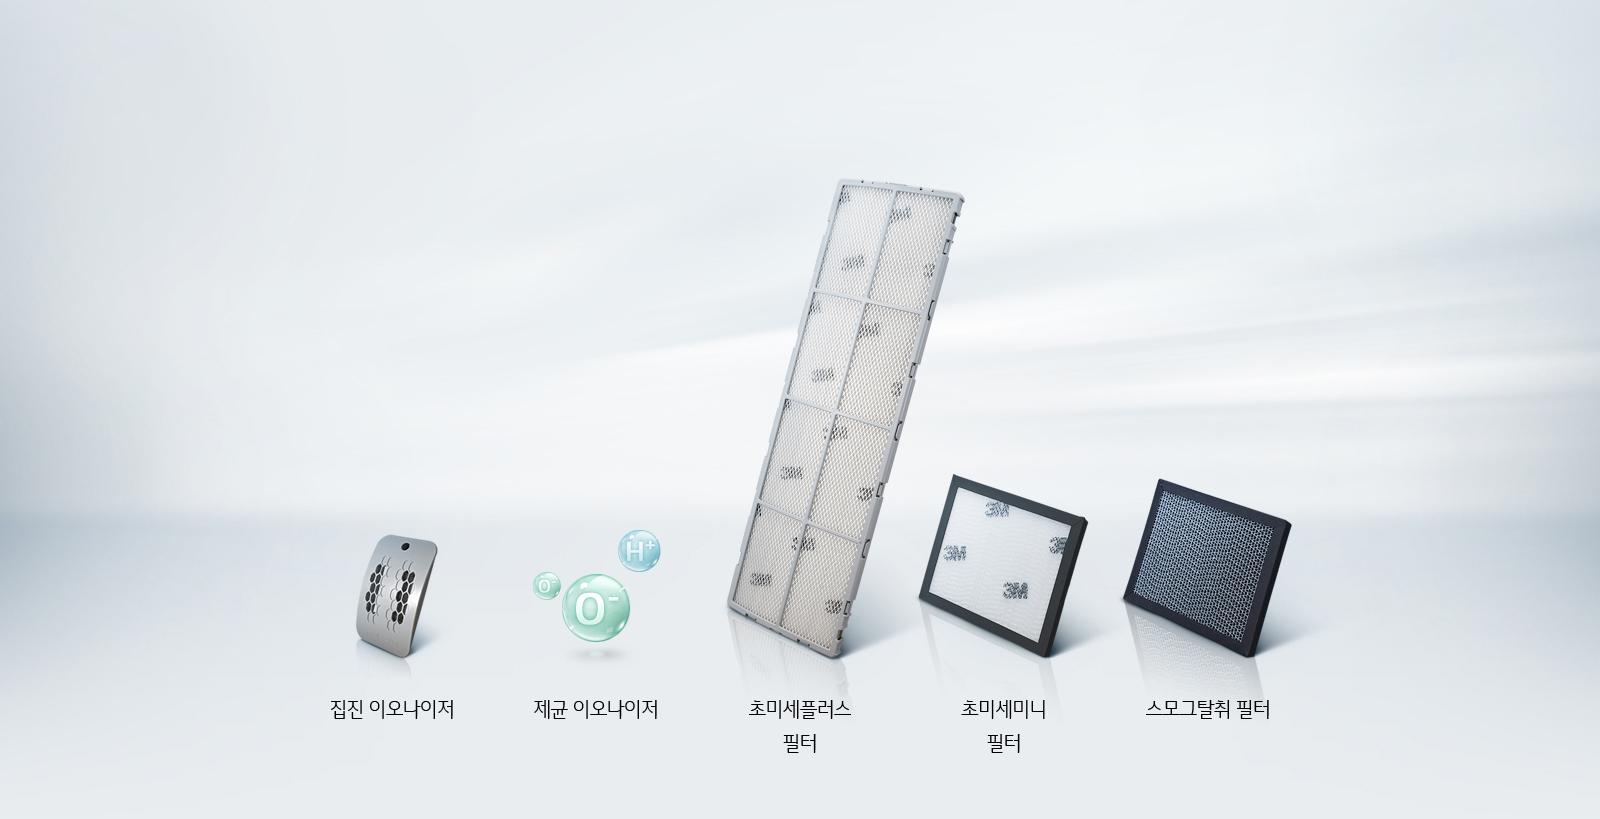 365 공기청정 필터 시스템(집진 이오나이저, 제균 이오나이저, 3M™ 초미세플러스 필터, 3M™ 초미세미니 필터, 스모그탈취 필터) 이미지